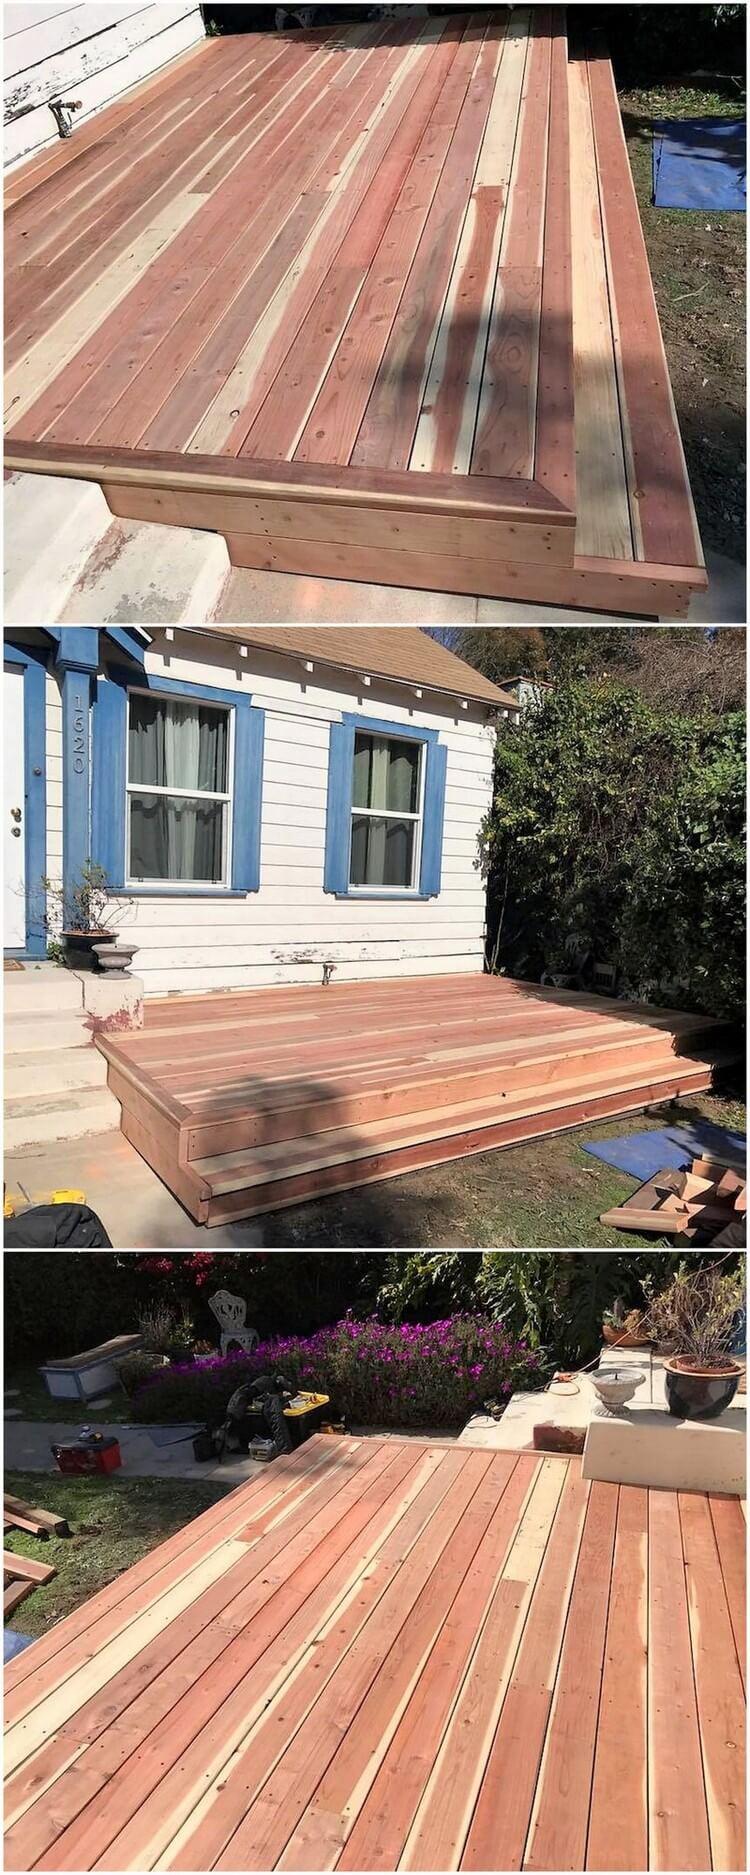 Diy Wood Pallets Garden Terrace Pallet Wood Projects